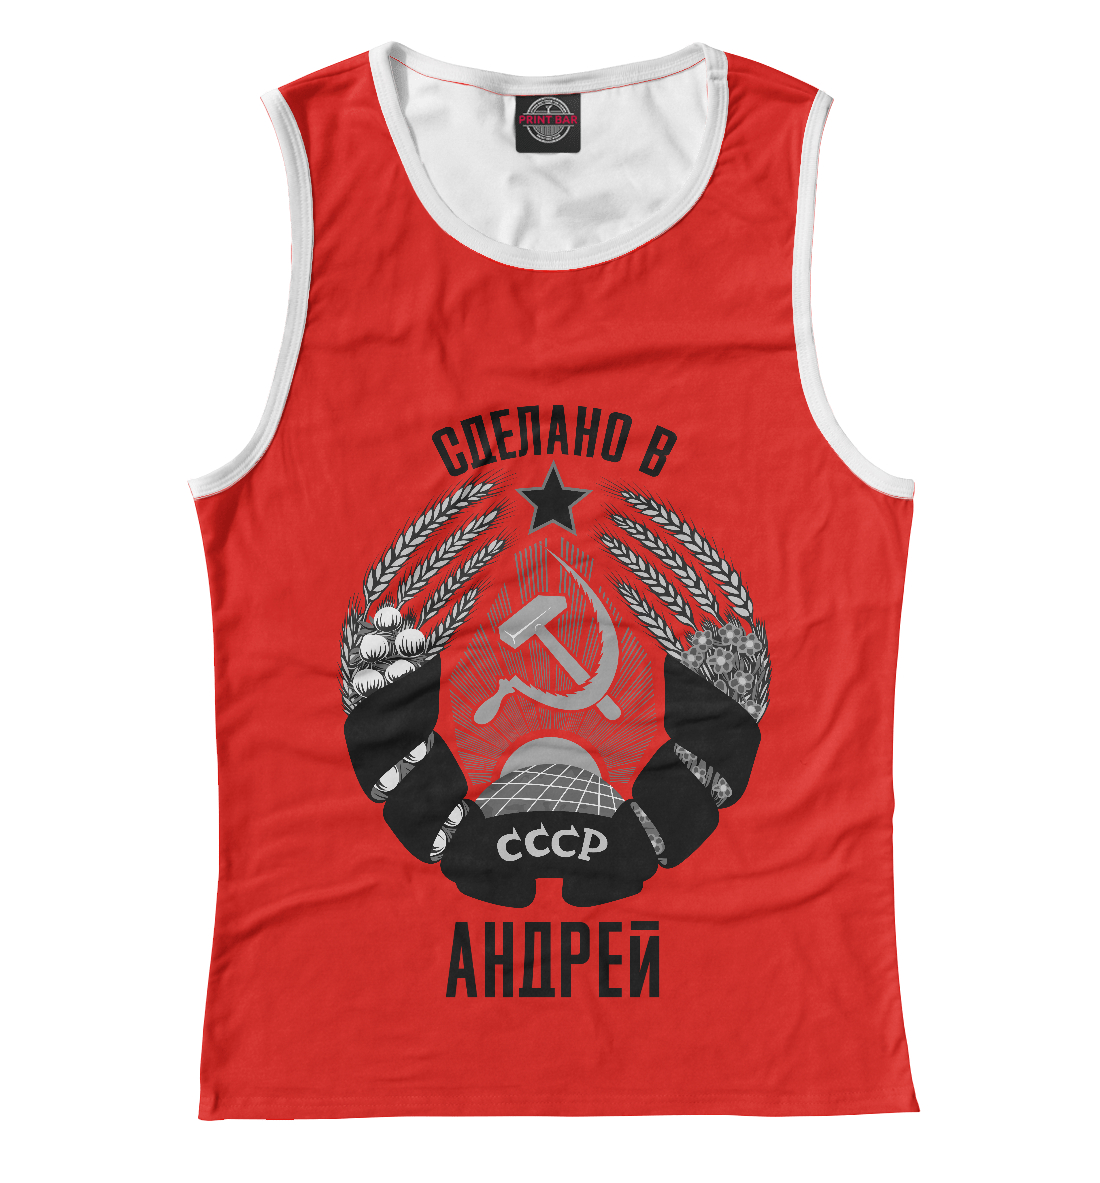 Купить Андрей сделано в СССР, Printbar, Майки, AND-851462-may-1